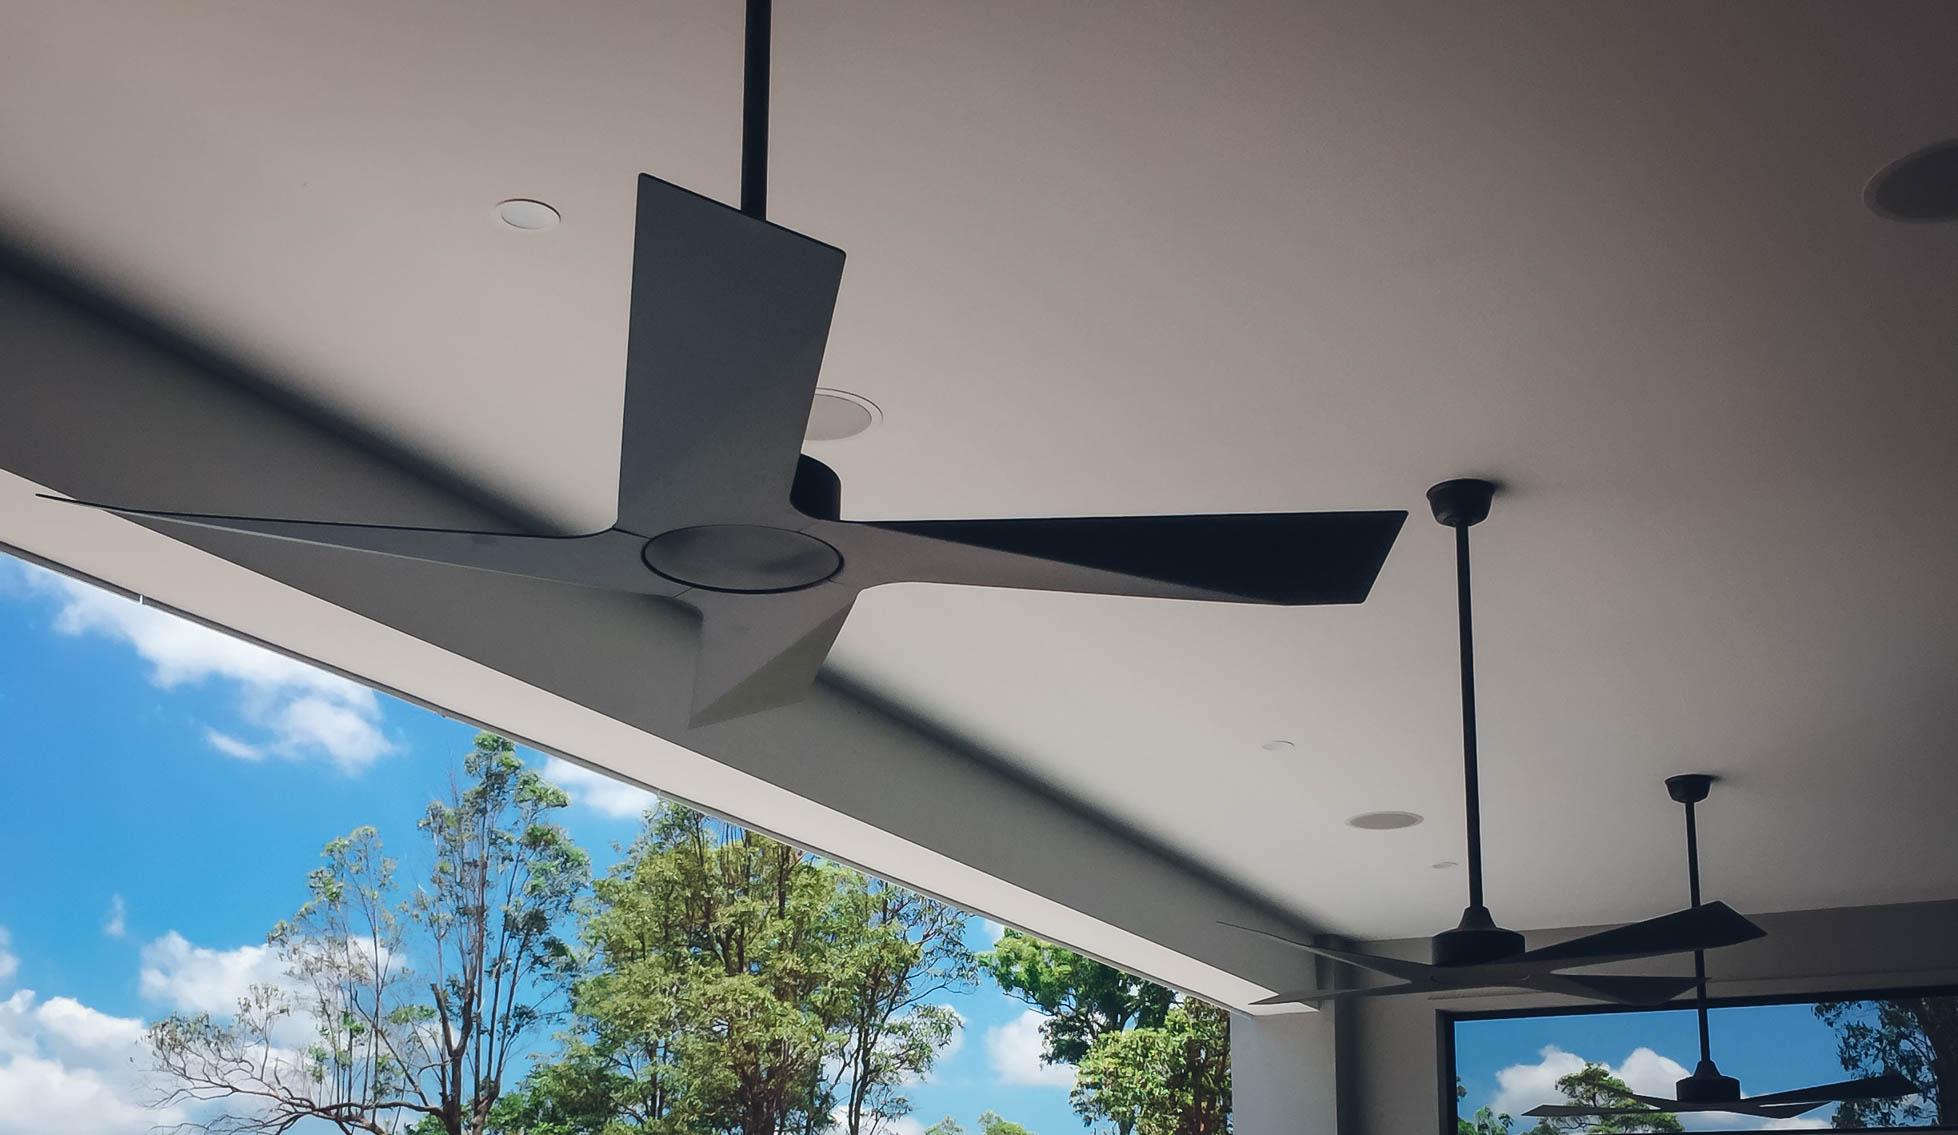 Modn 4 Ceiling Fan 16